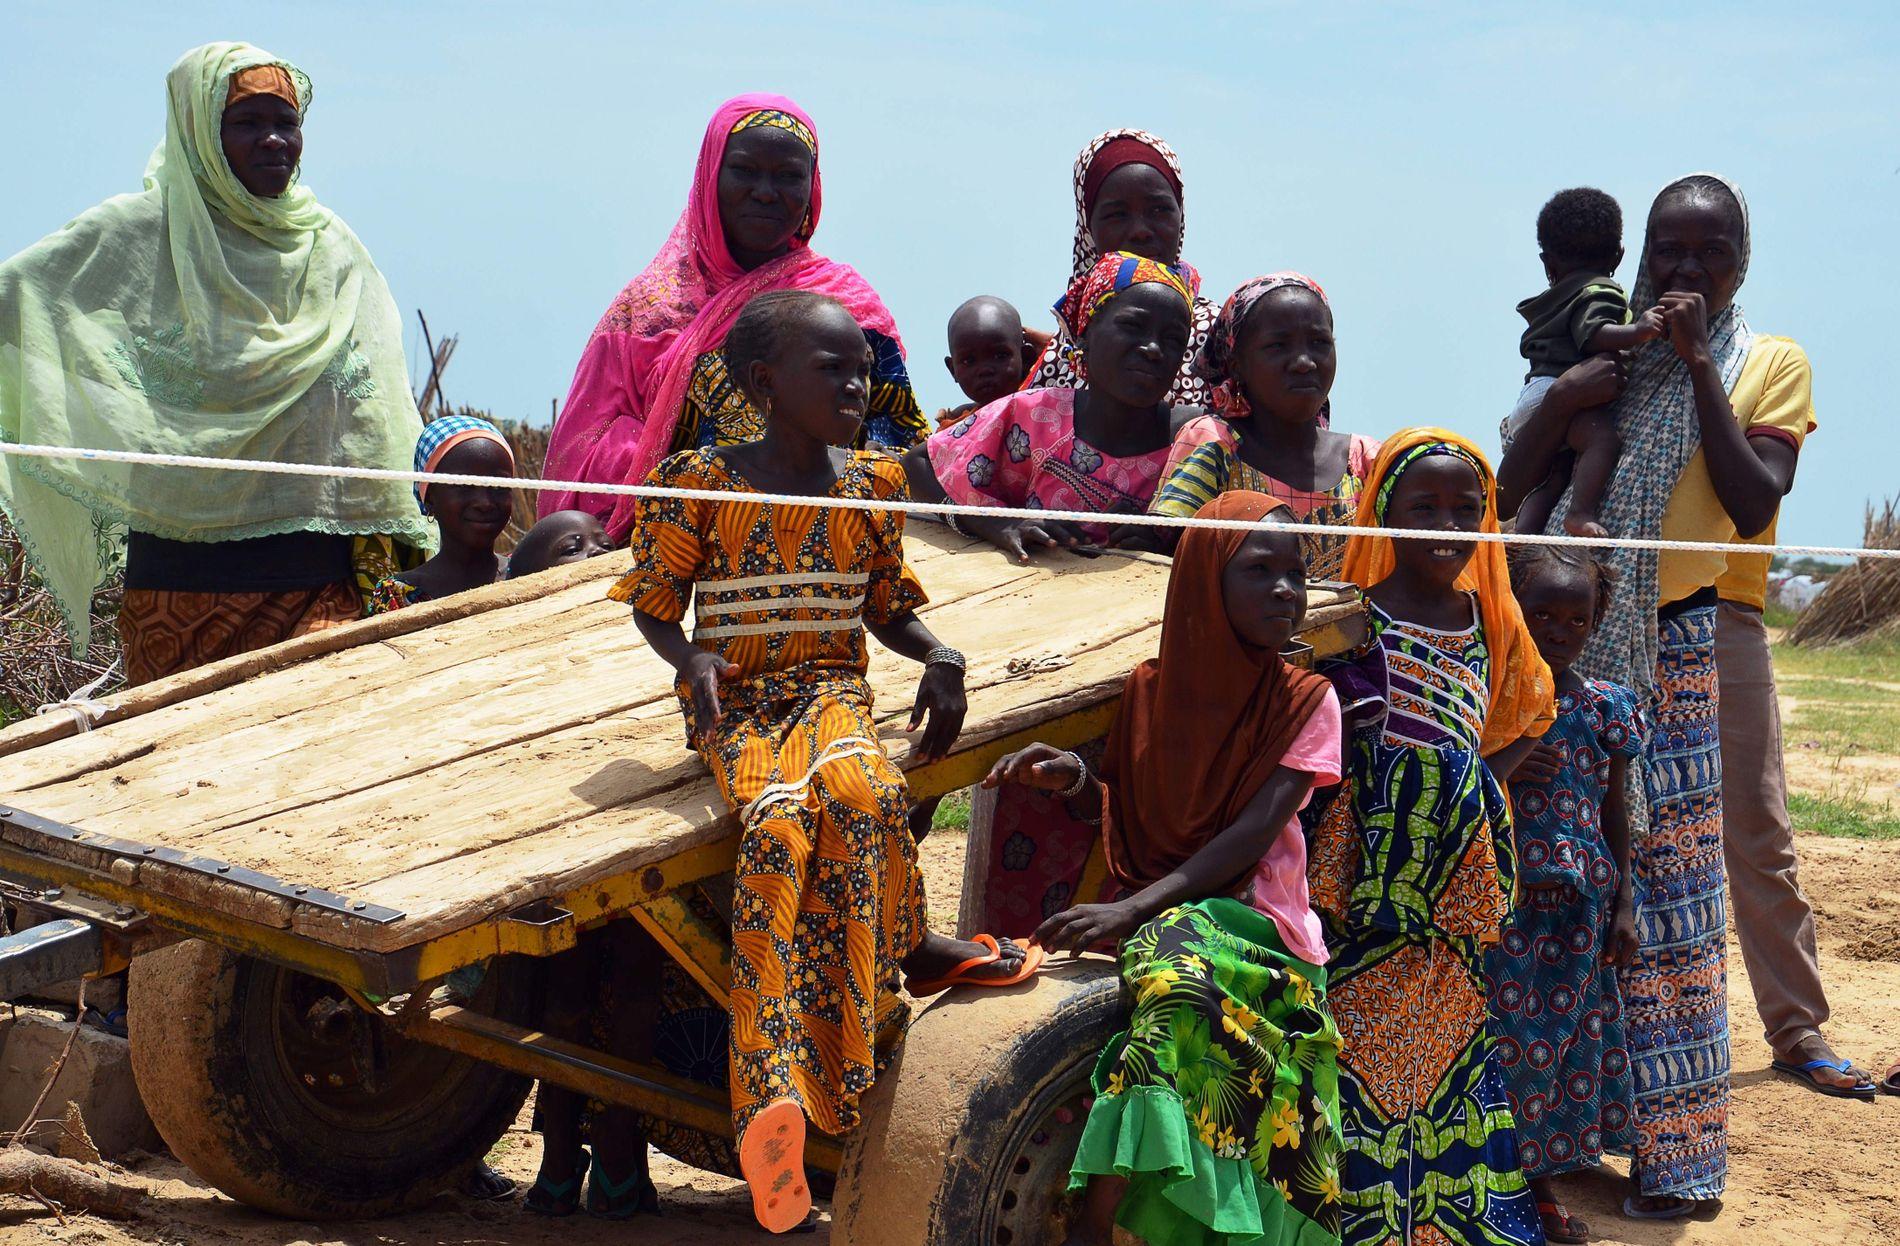 FLYKTNINGER I NIGER: Nigerianske flyktninger fotografert 10. september i en flyktningleir i Ngagam, 50 kilometer fra Diffa sørøst i Niger ved grensen til Nigeria. 12 500 flyktninger fra Niger og Nigeria lever i leiren blant annet etter handlinger av den islamistiske gruppen Boko Haram.